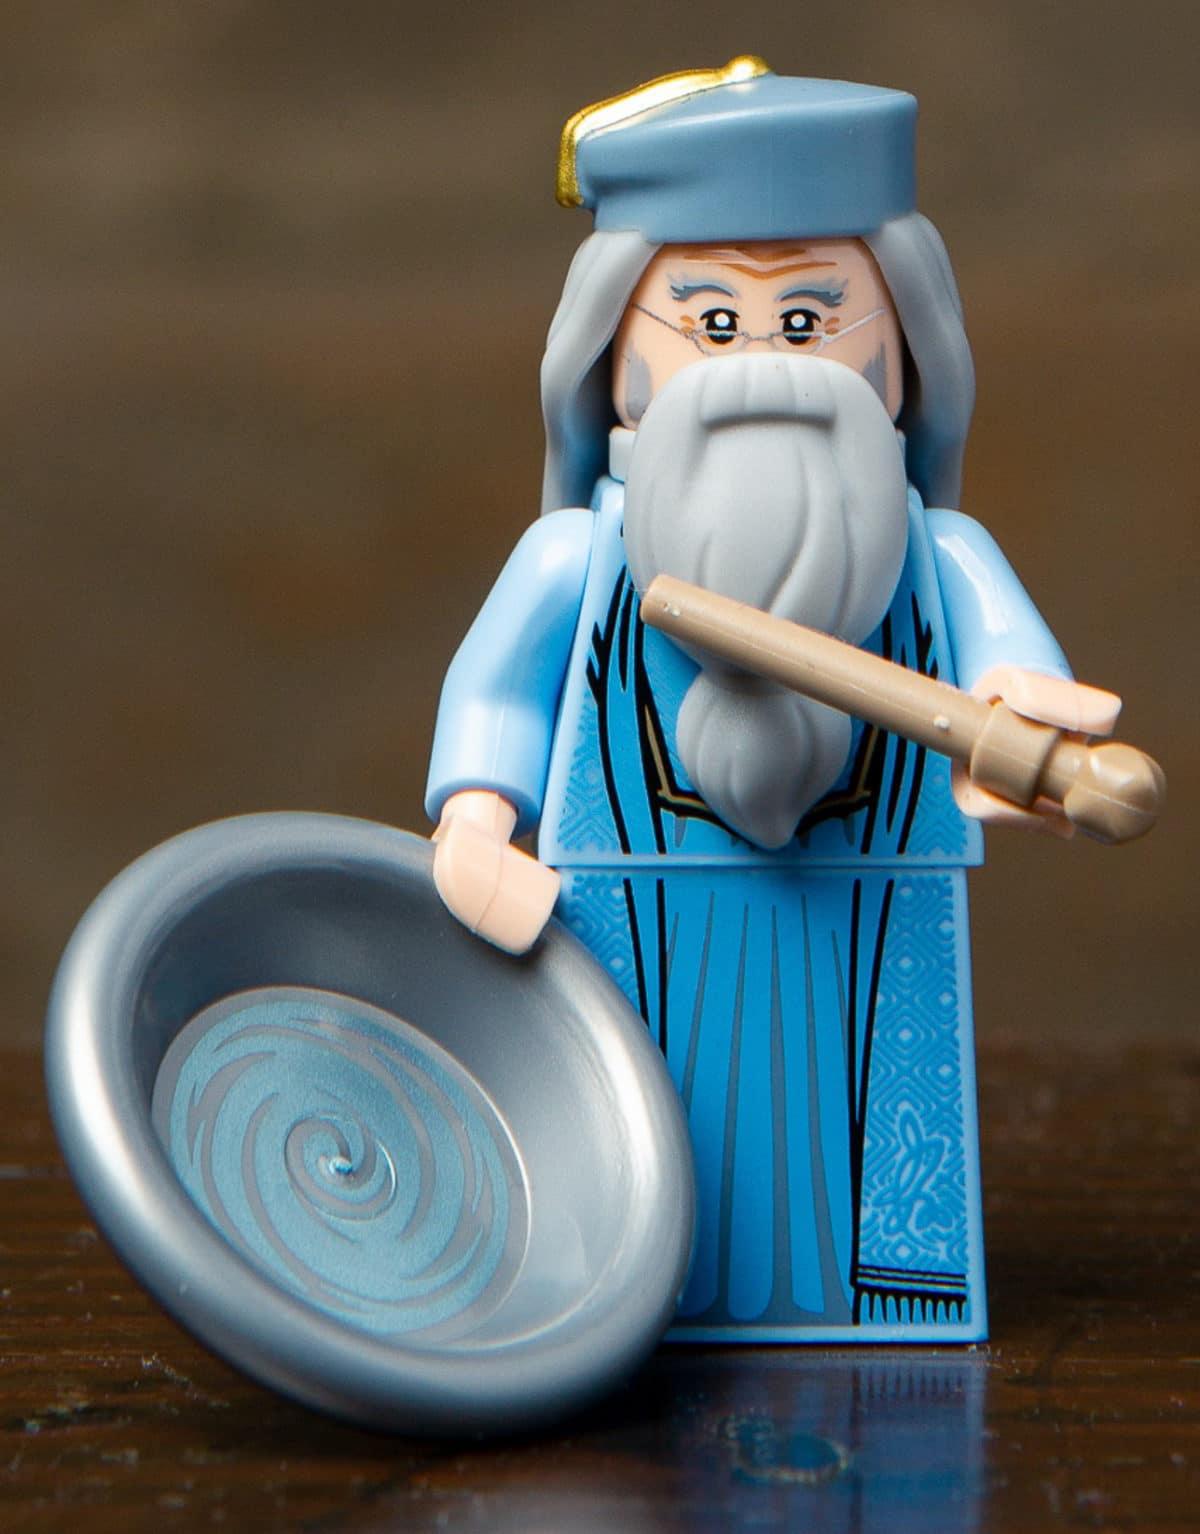 LEGO 71022 Albus Dumbledore